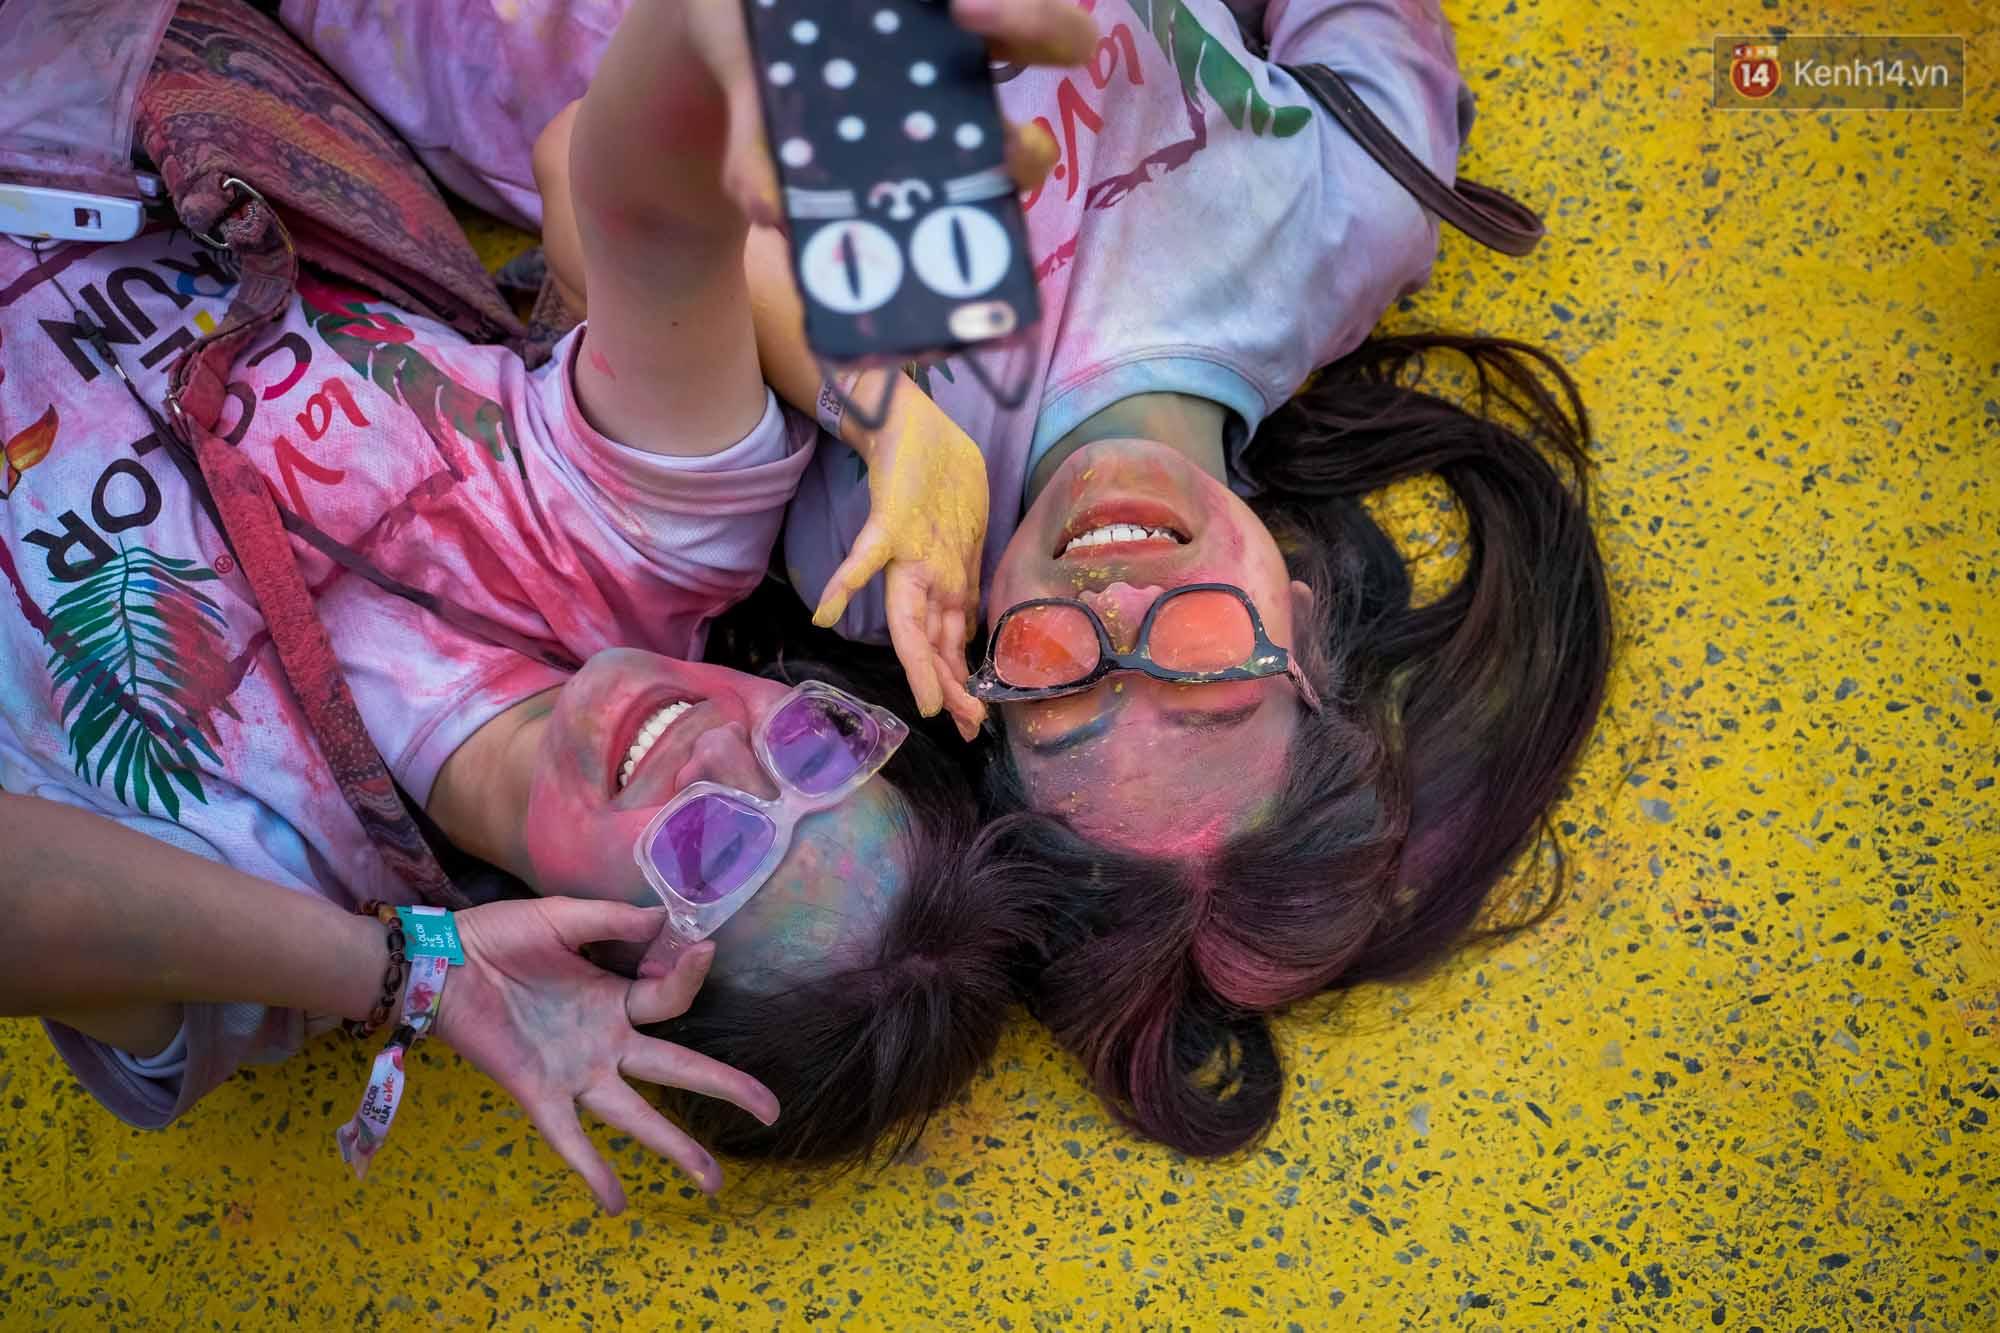 Những khoảnh khắc chứng minh đi Color Me Run lúc nào cũng vui và được quẩy hết mình! - Ảnh 25.